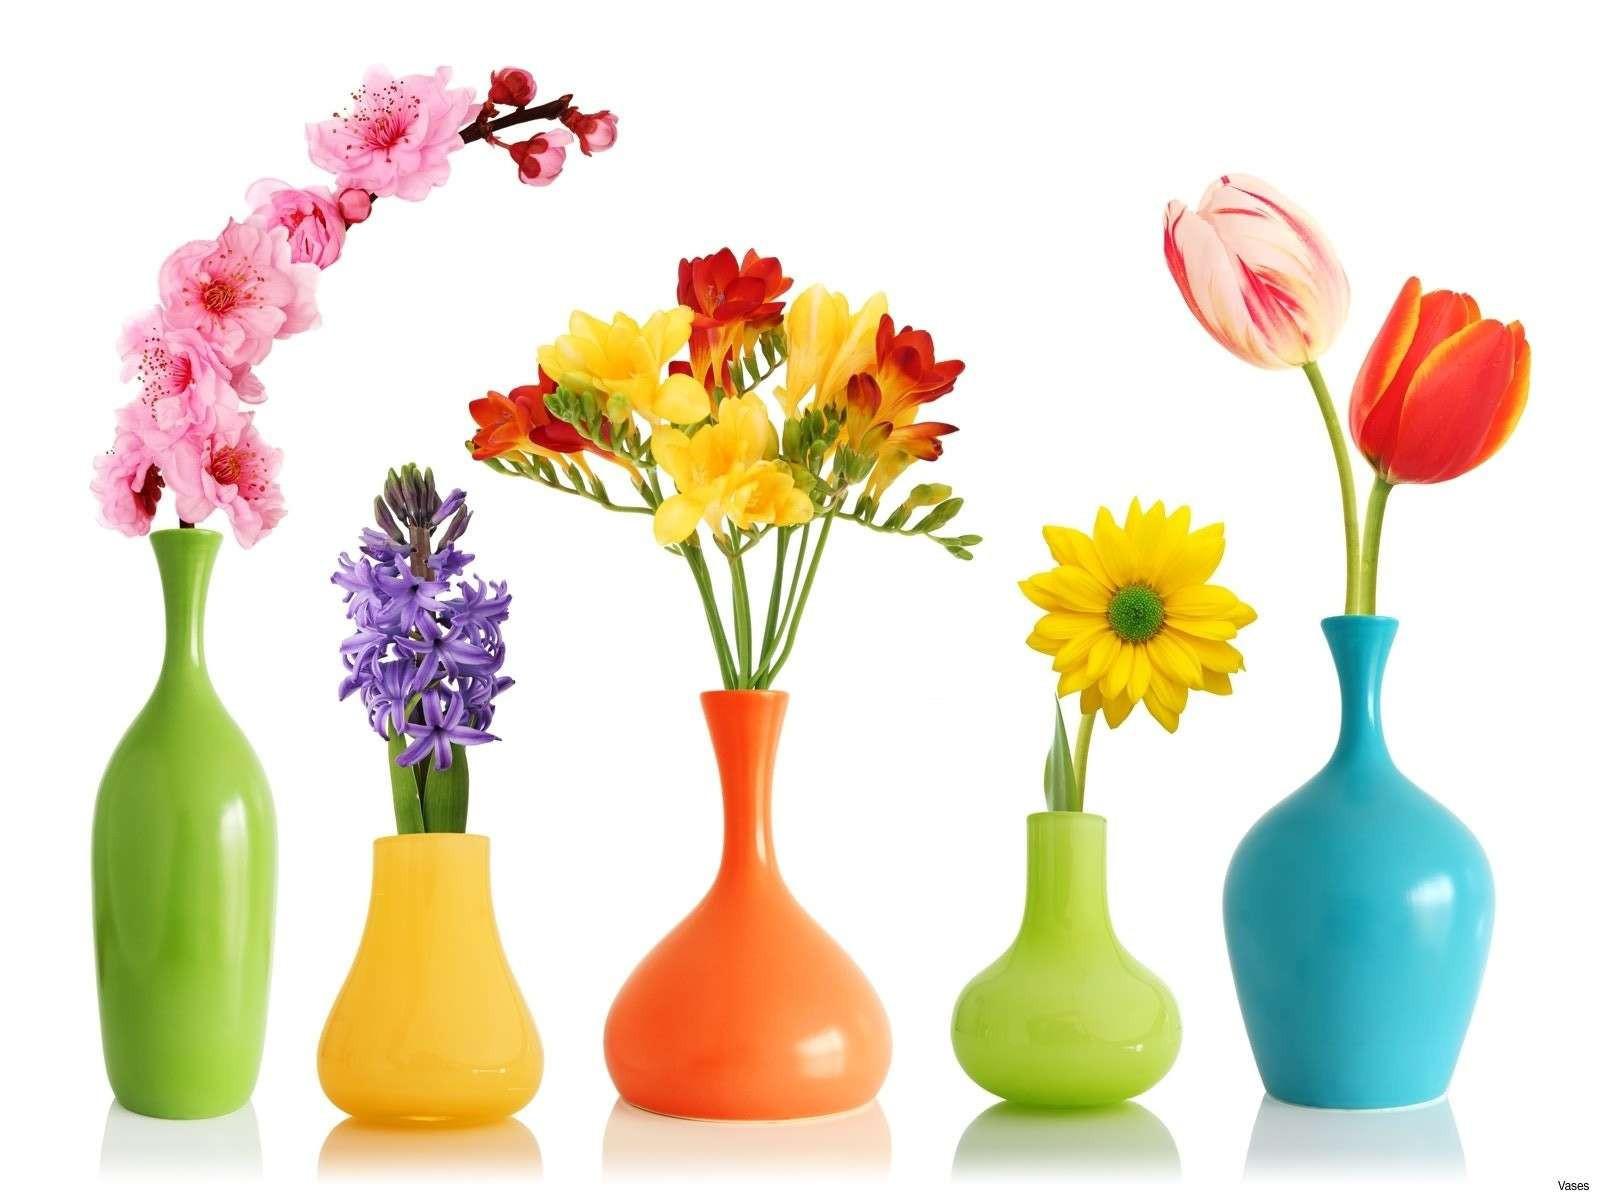 19 Unique Discount Glass Flower Vases 2021 free download discount glass flower vases of awesome colorful etched vasesh vases flower vase i 0d design ideas intended for awesome colorful etched vasesh vases flower vase i 0d design ideas flower